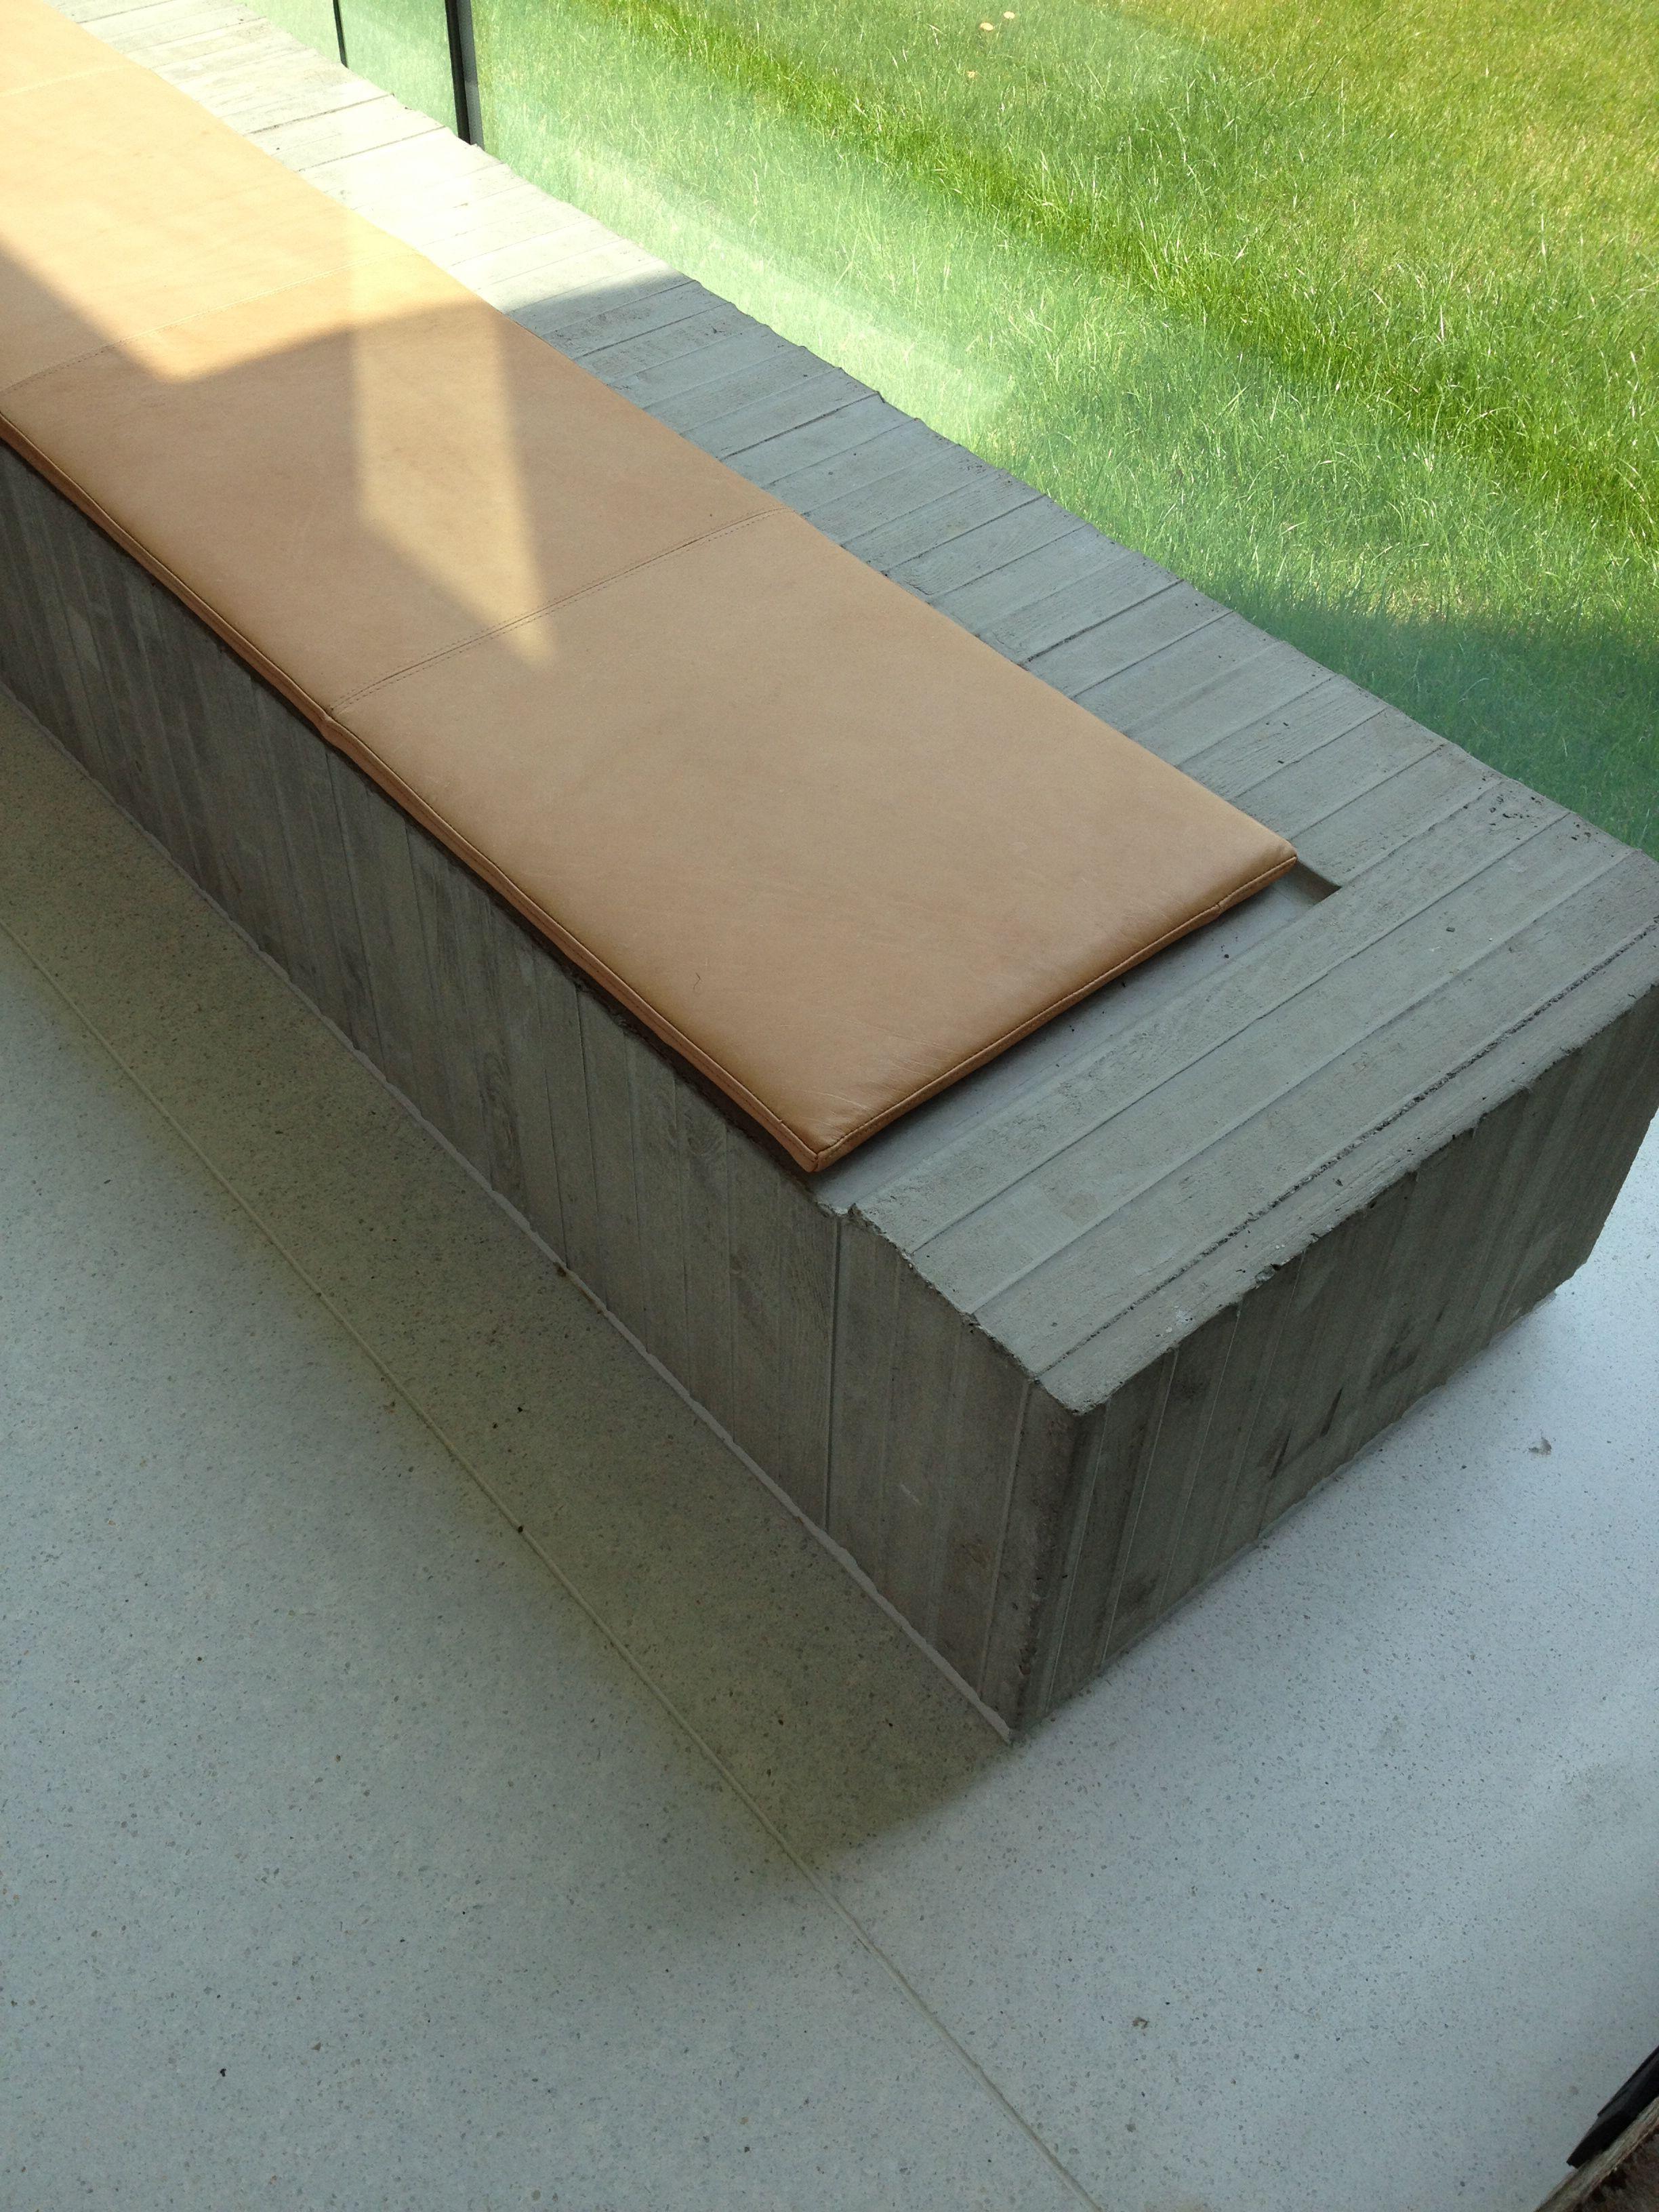 Beton Bank beton bank | mobiliar | pinterest | diy concrete and concrete